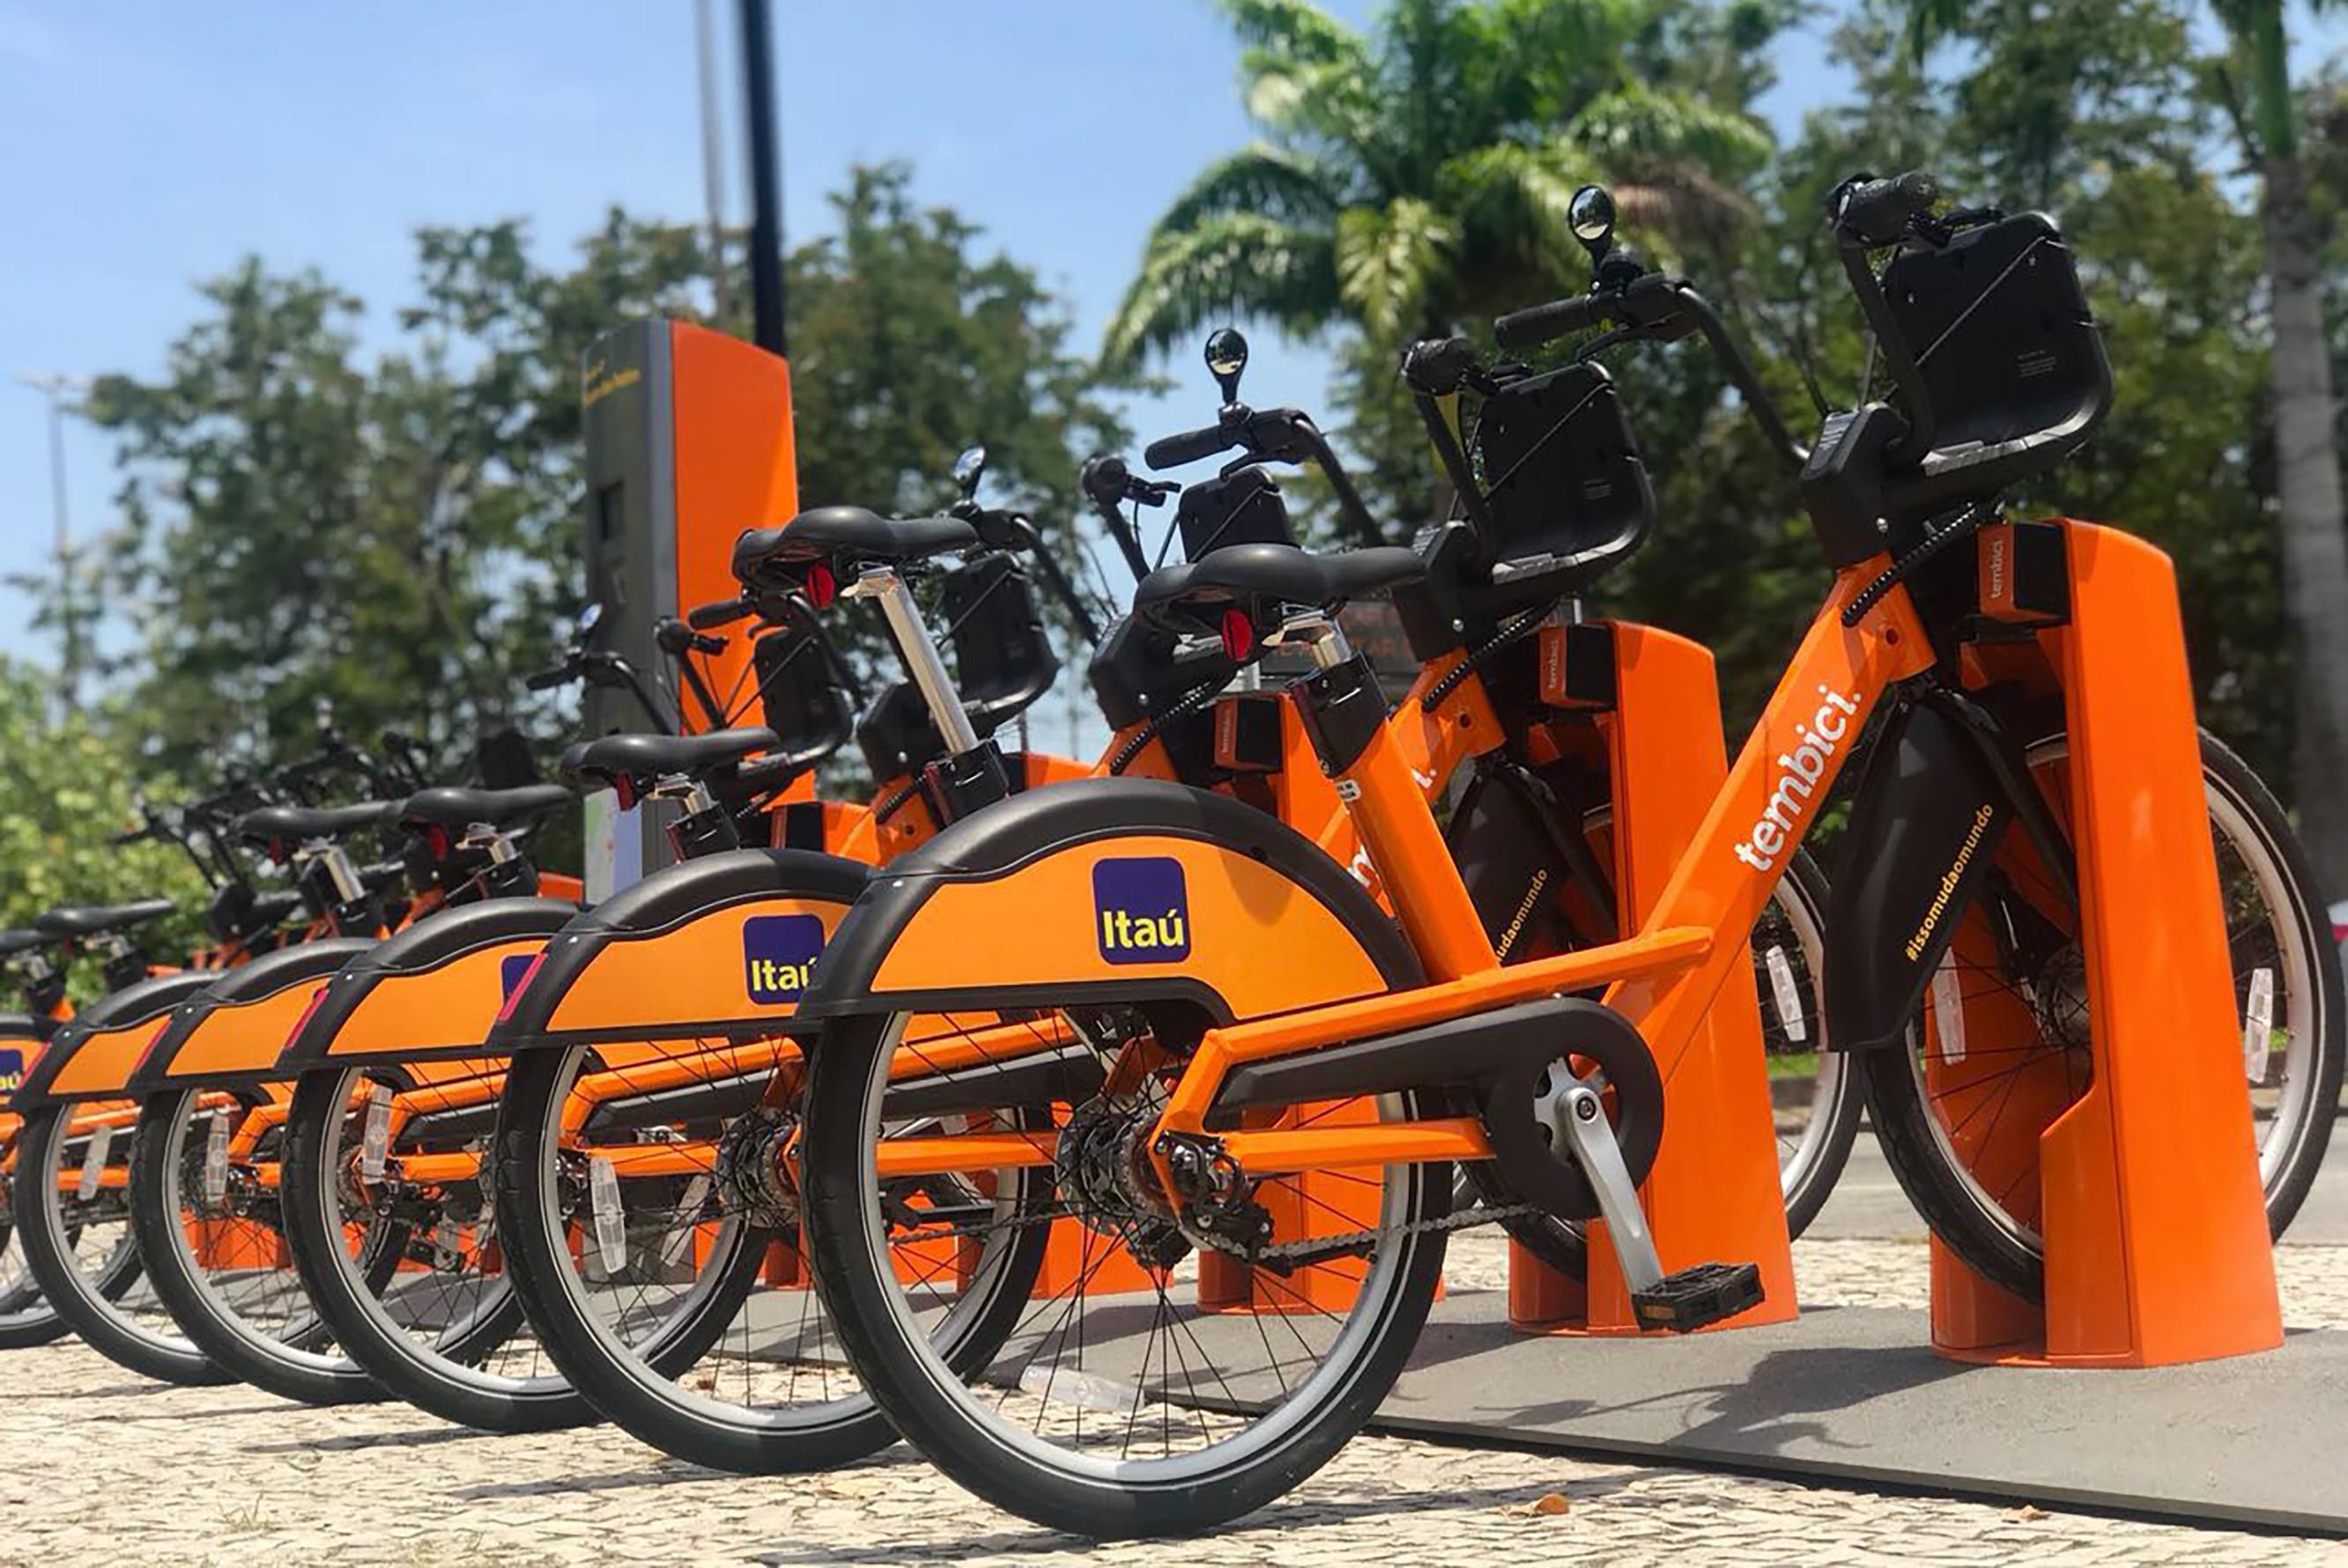 A bicicleta tomou as grandes cidades como alternativa de veículo individual para fugir do trânsito (Foto: Divulgação)